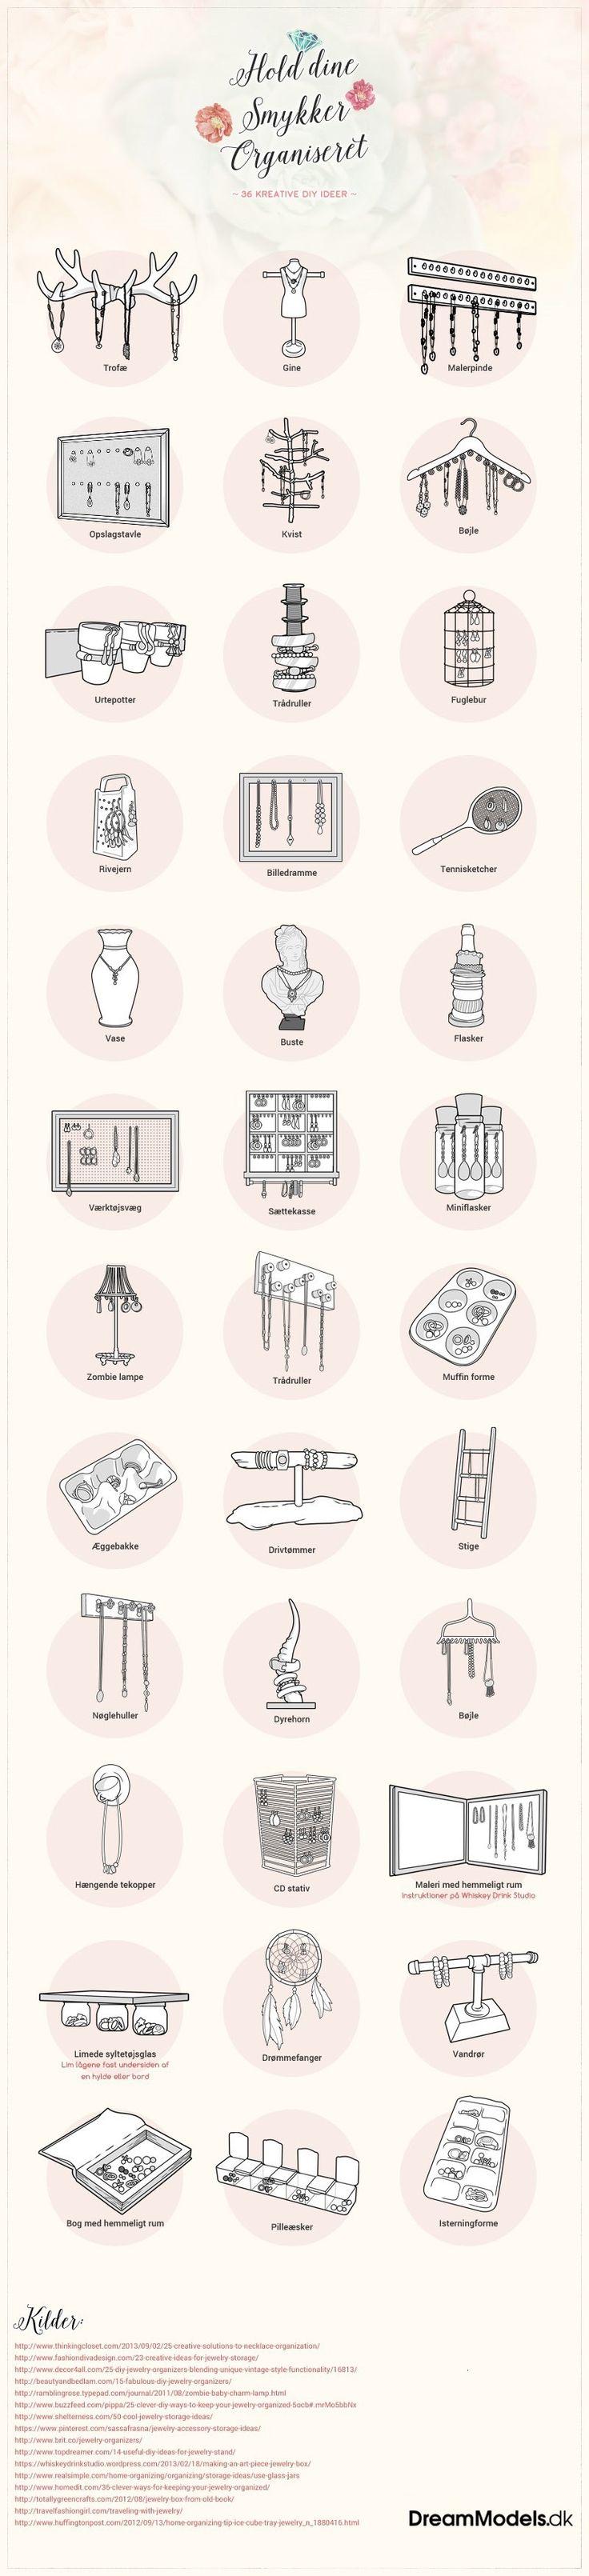 Til til at få styr på dine smykker med et af de her kreative projekter?